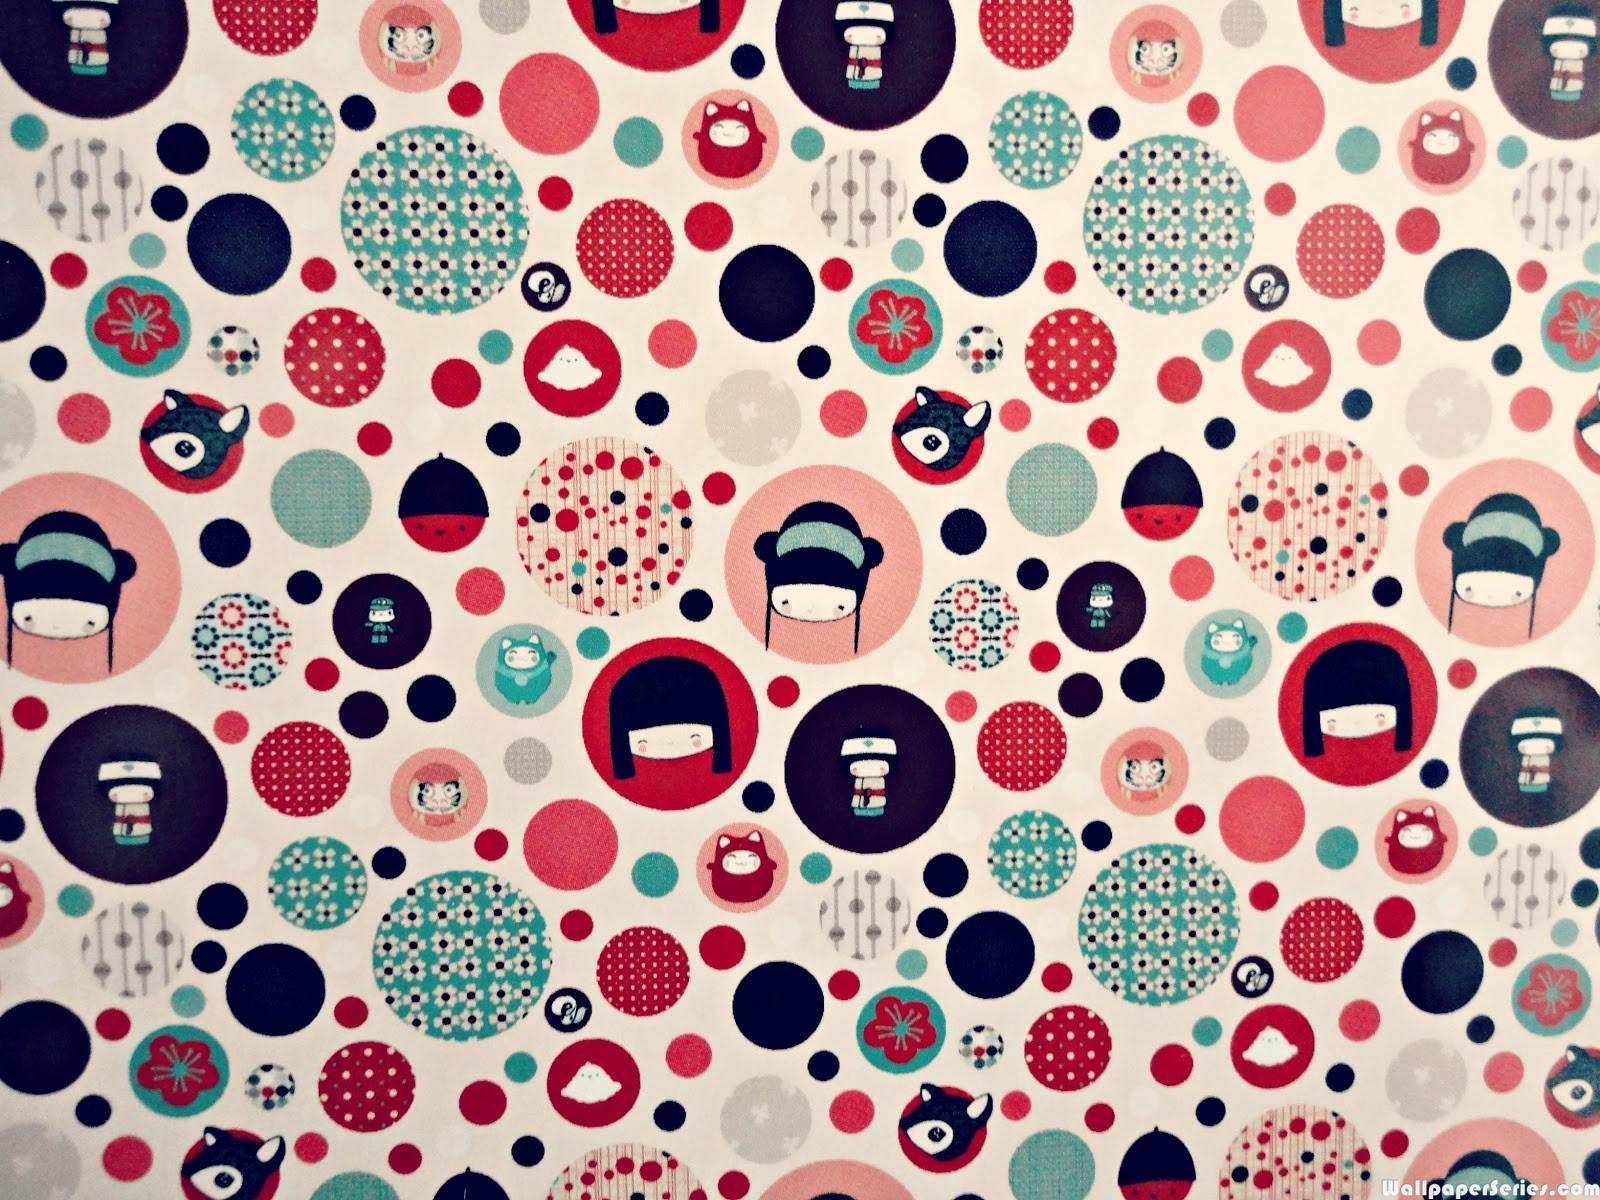 Cute Wallpaper Hd Pattern - wallpaper